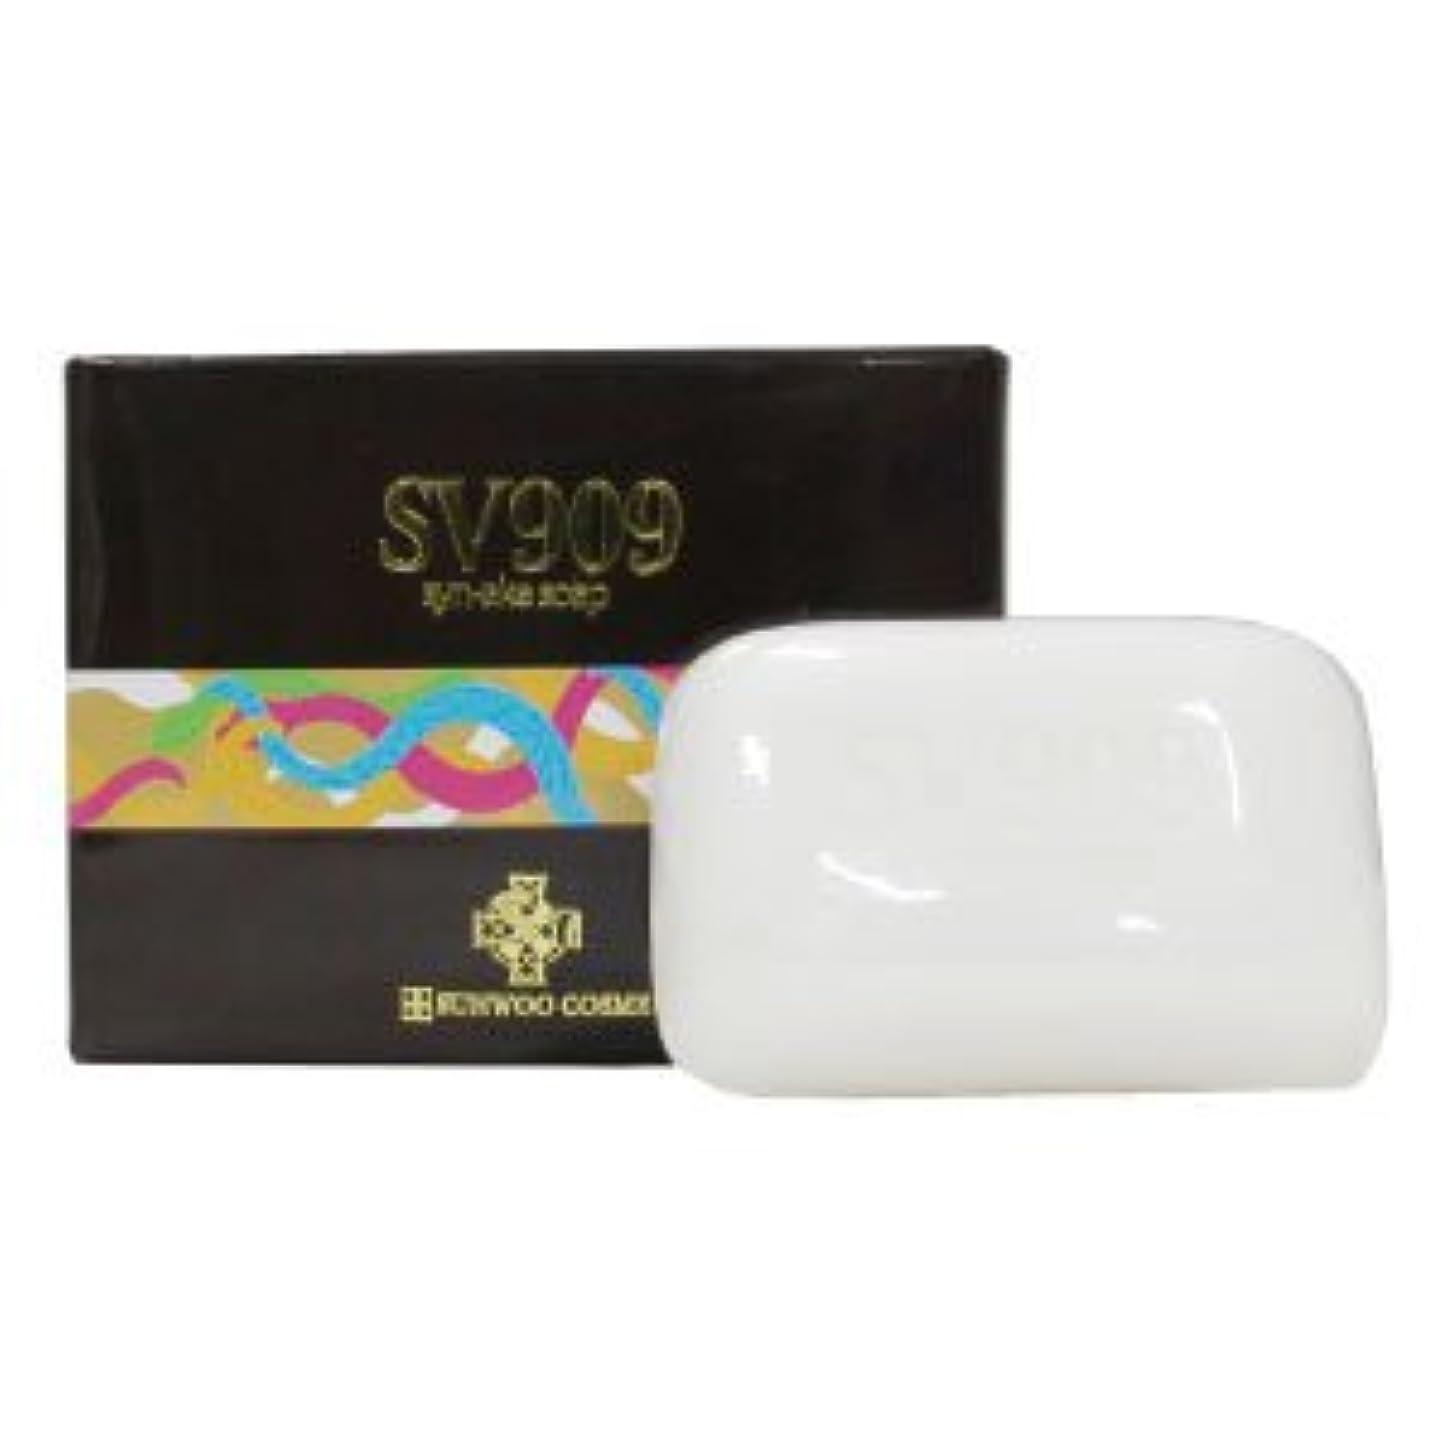 中級スローガンシンプルさ蛇毒 SV909 石鹸 【正規輸入品】